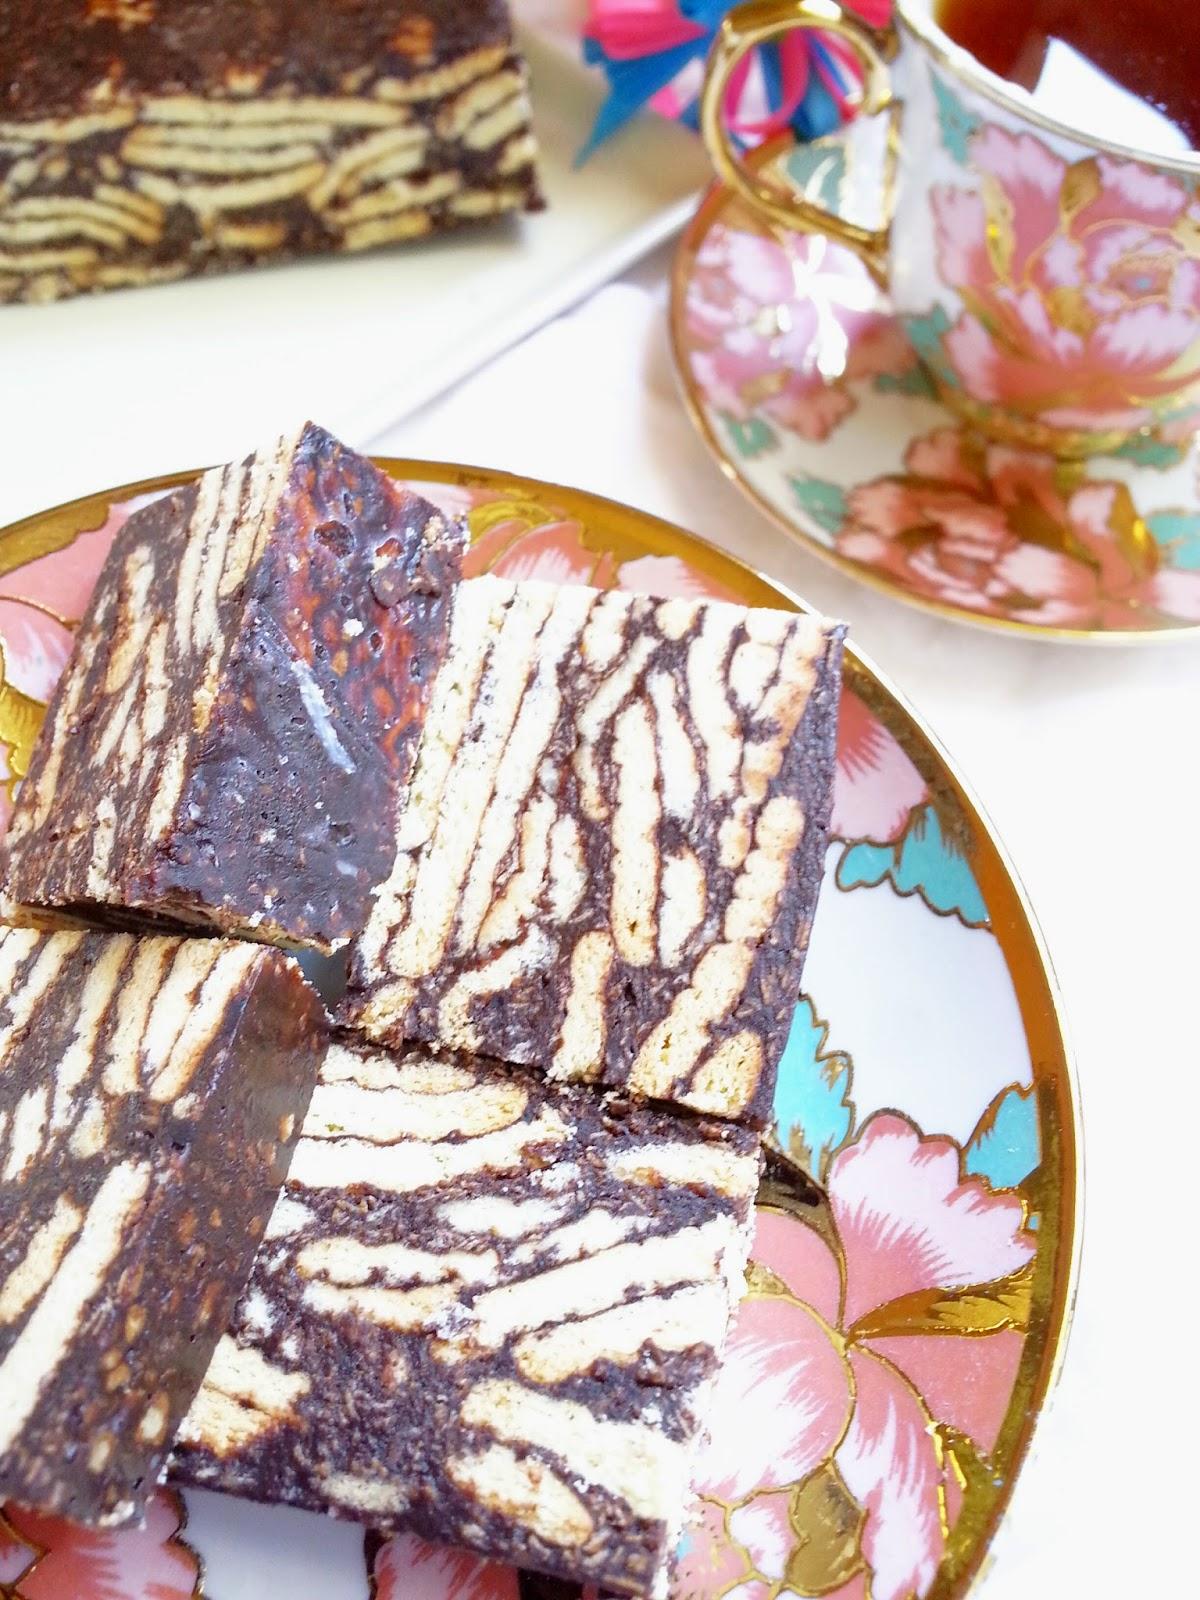 resepi kek batik  cantik agustus zx Resepi Kek Batik Biskut Marie Chef Wan Enak dan Mudah